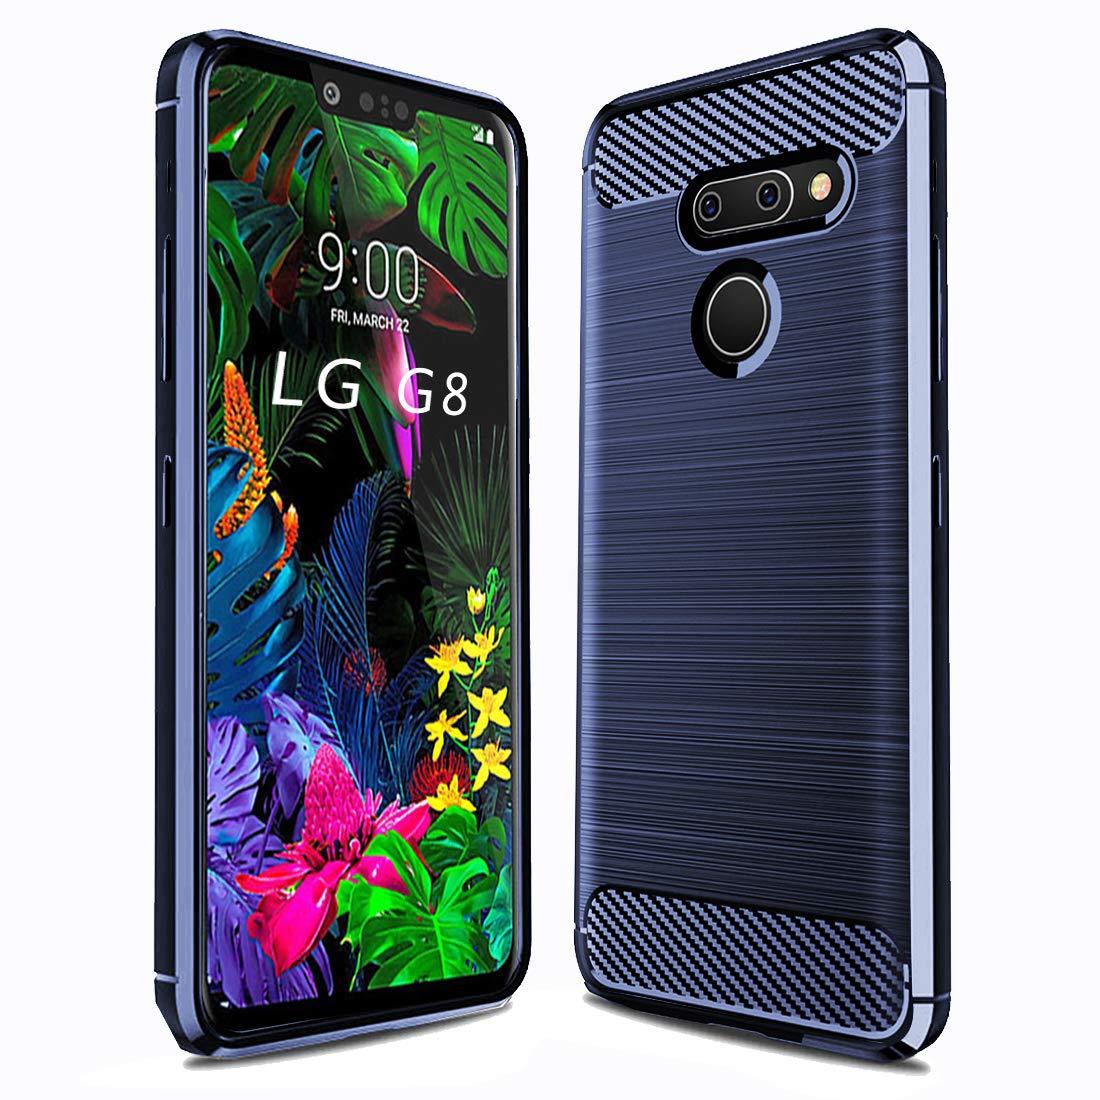 Funda para LG G8 SUCNAKP (7PGL5FVT)